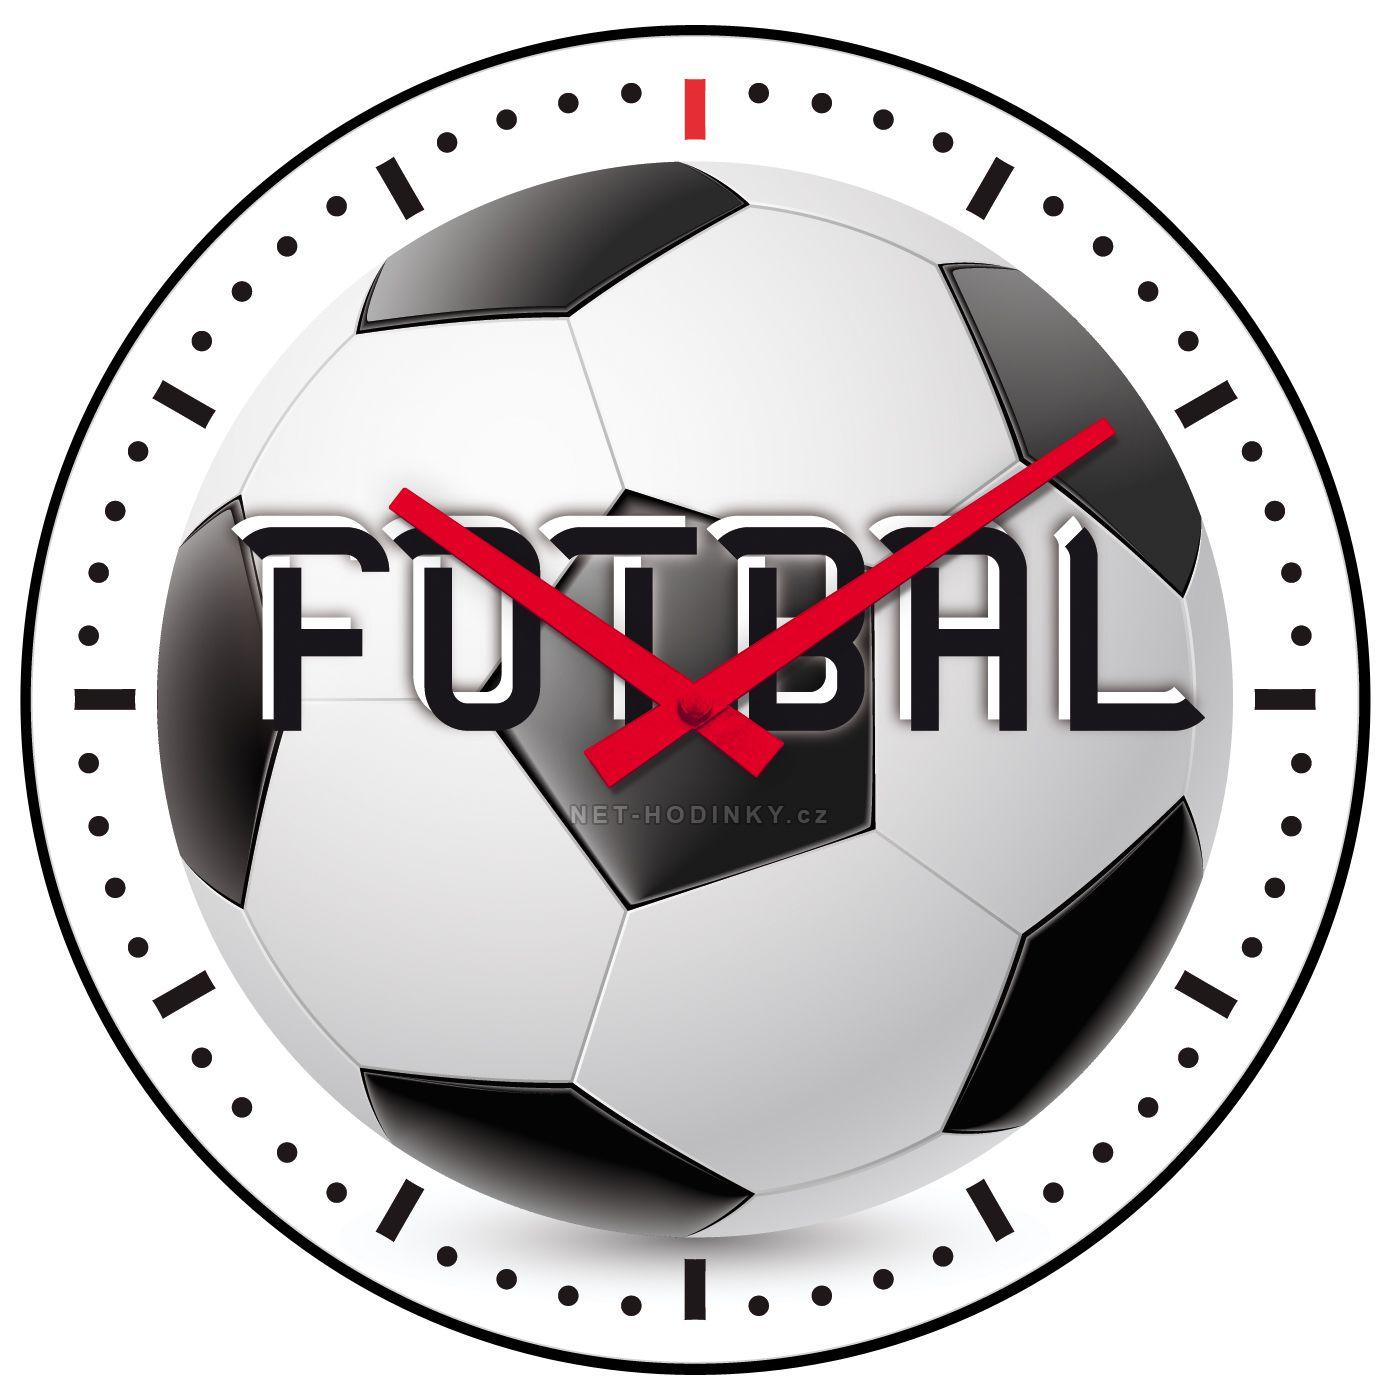 Nástěnné hodiny na stěnu Volleyball, Bowling, Basketbal, Fotbal, Golf nástěnné hodiny na zeď, dětské hodiny H701Q Fotbal